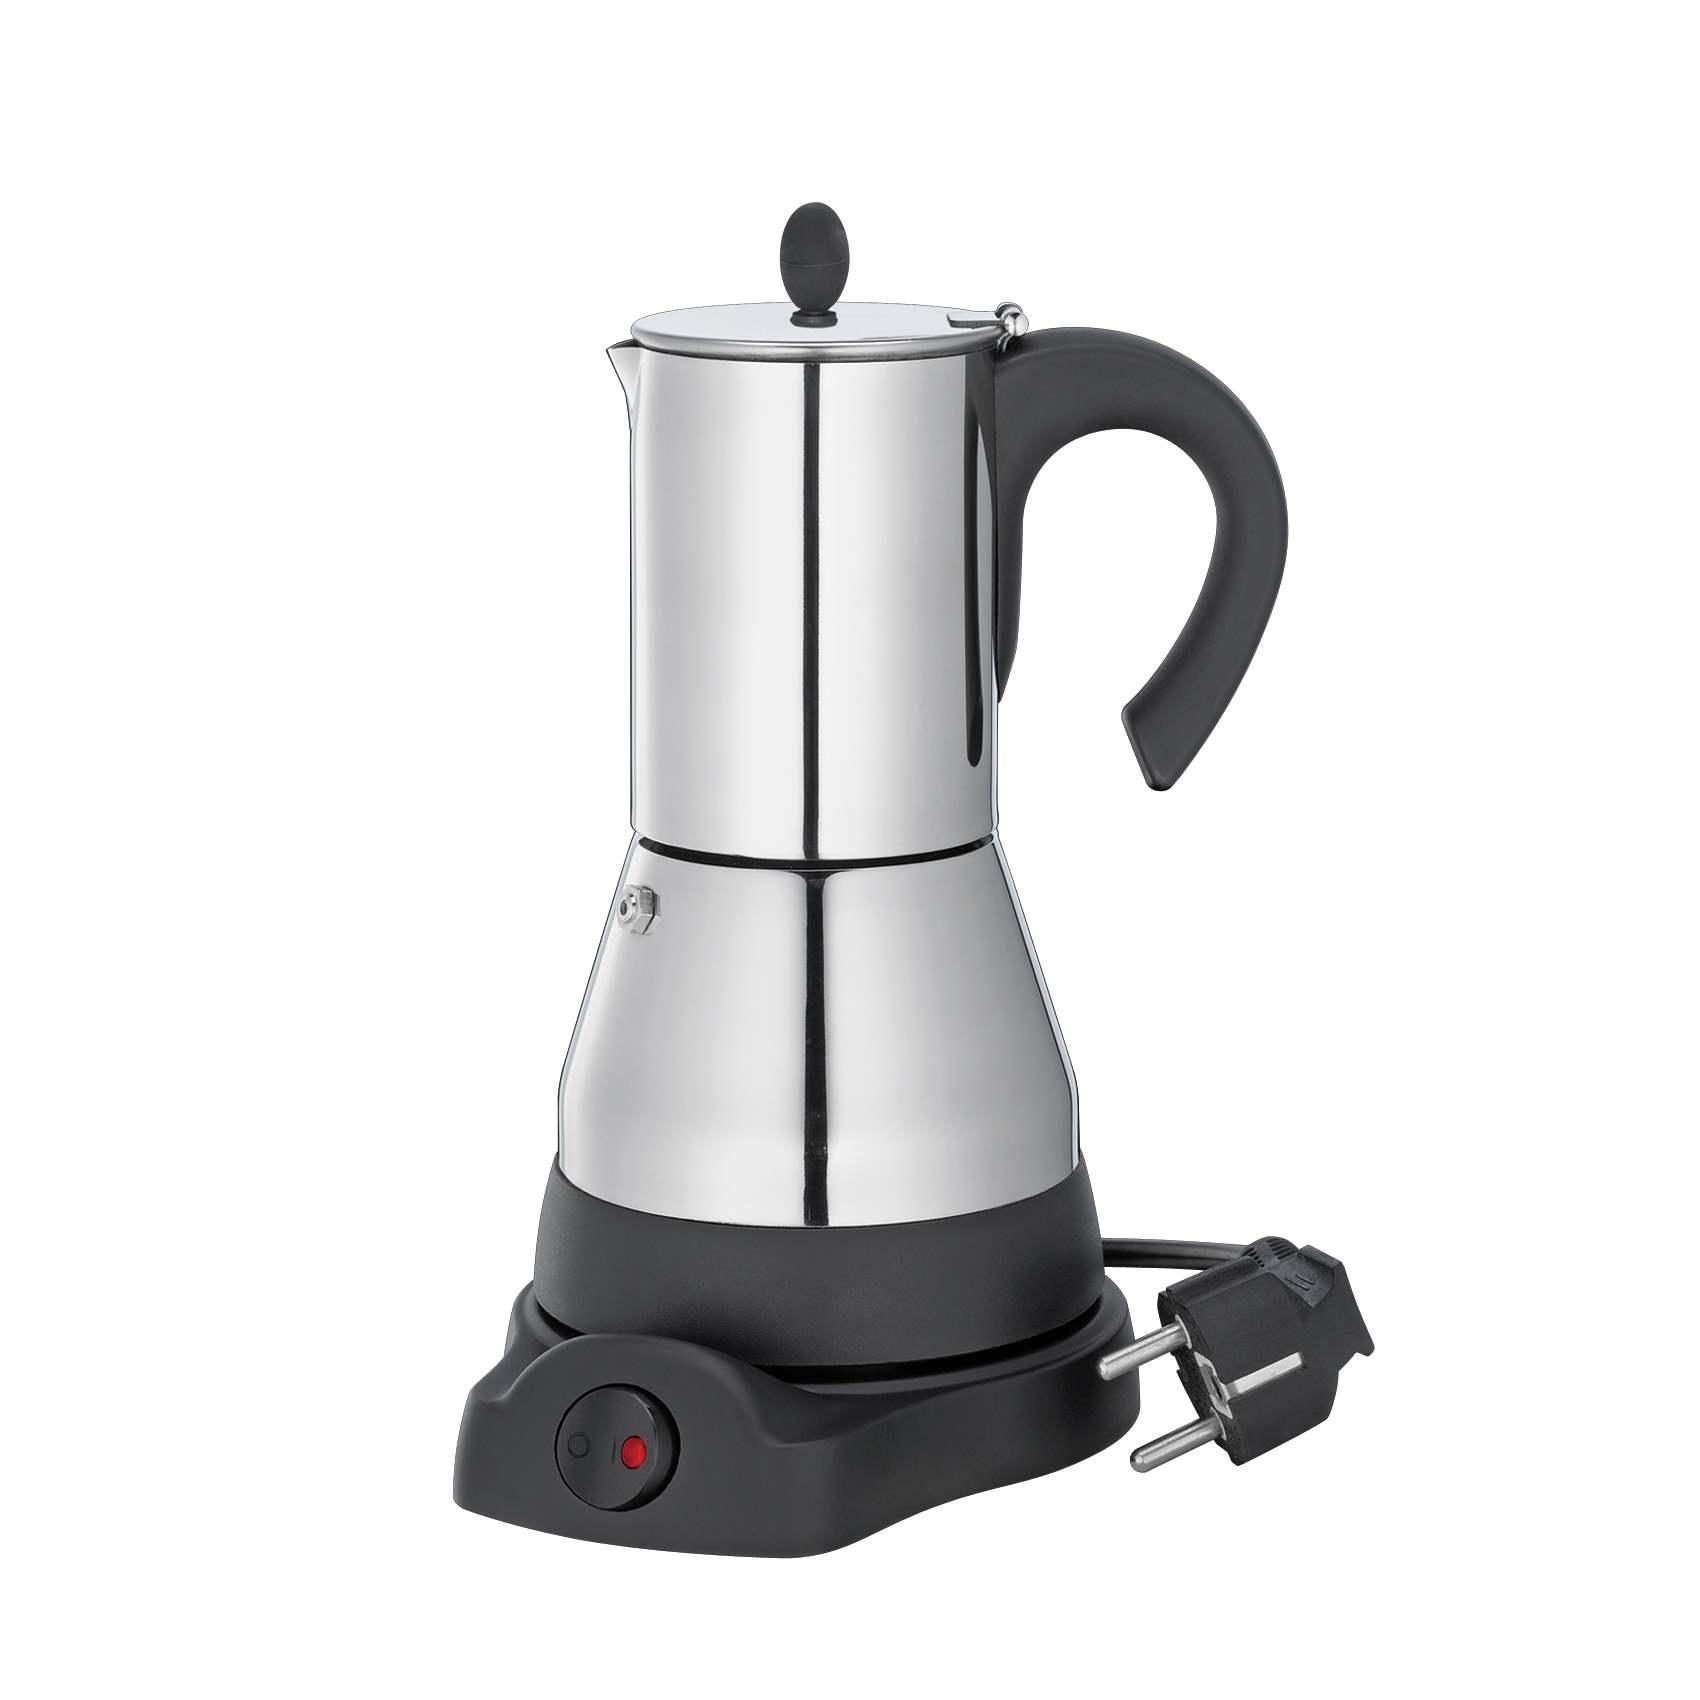 Espressokocher Edelstahl Elektrisch : cilio espressokocher lisboa elektrisch f r 6 tassen ~ Watch28wear.com Haus und Dekorationen